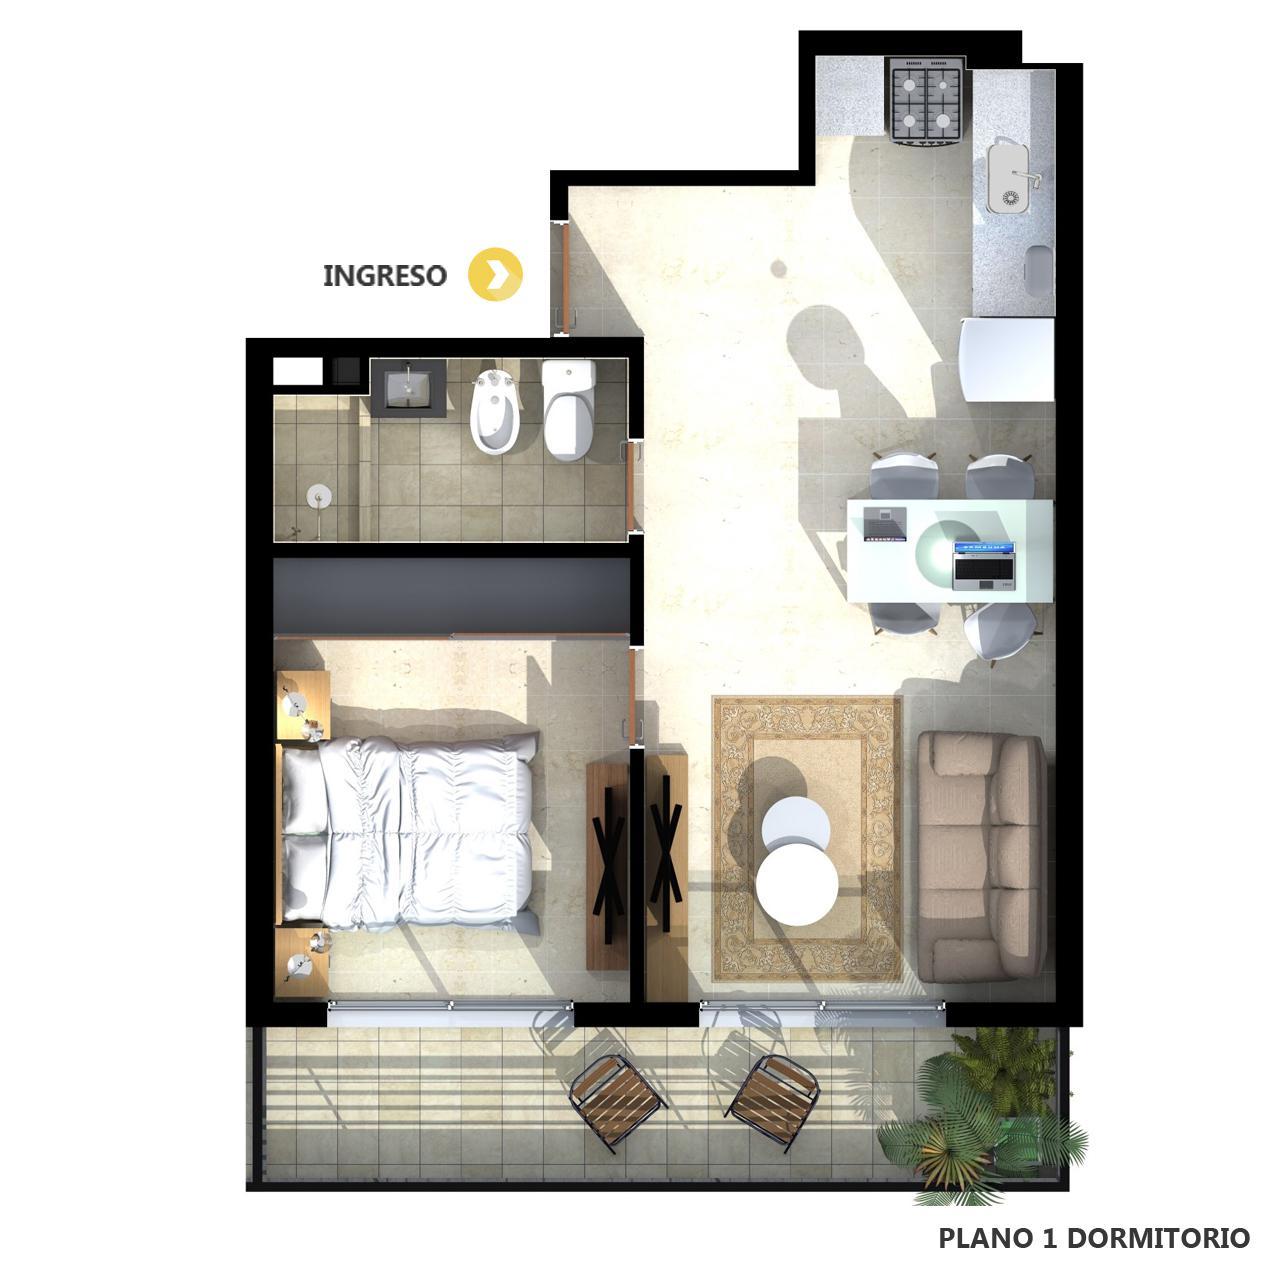 Venta departamento 1 dormitorio Rosario, Parque España. Cod CBU23332 AP2200110. Crestale Propiedades